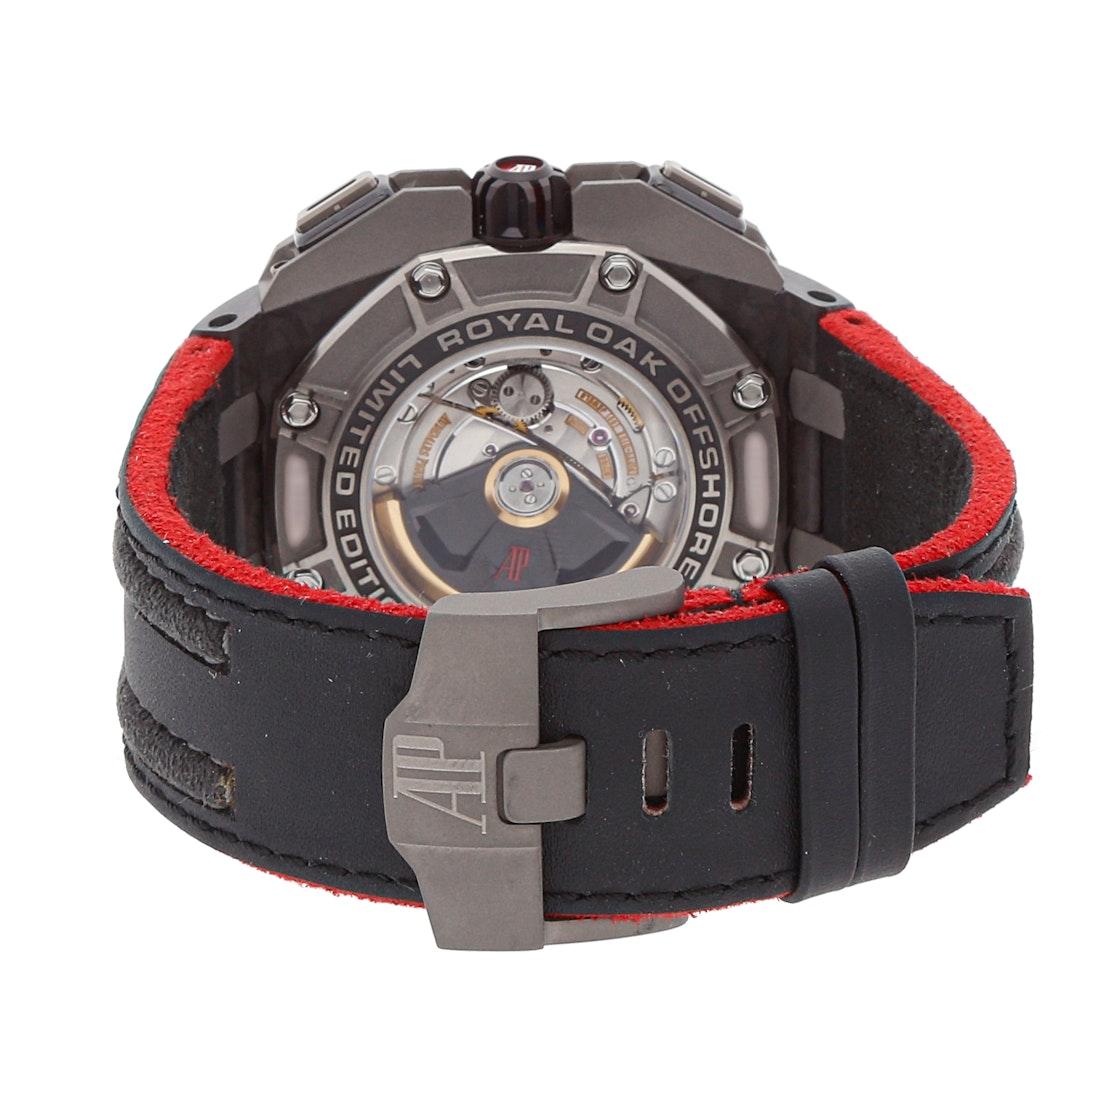 Audemars Piguet Royal Oak Offshore Grand Prix Chronograph Limited